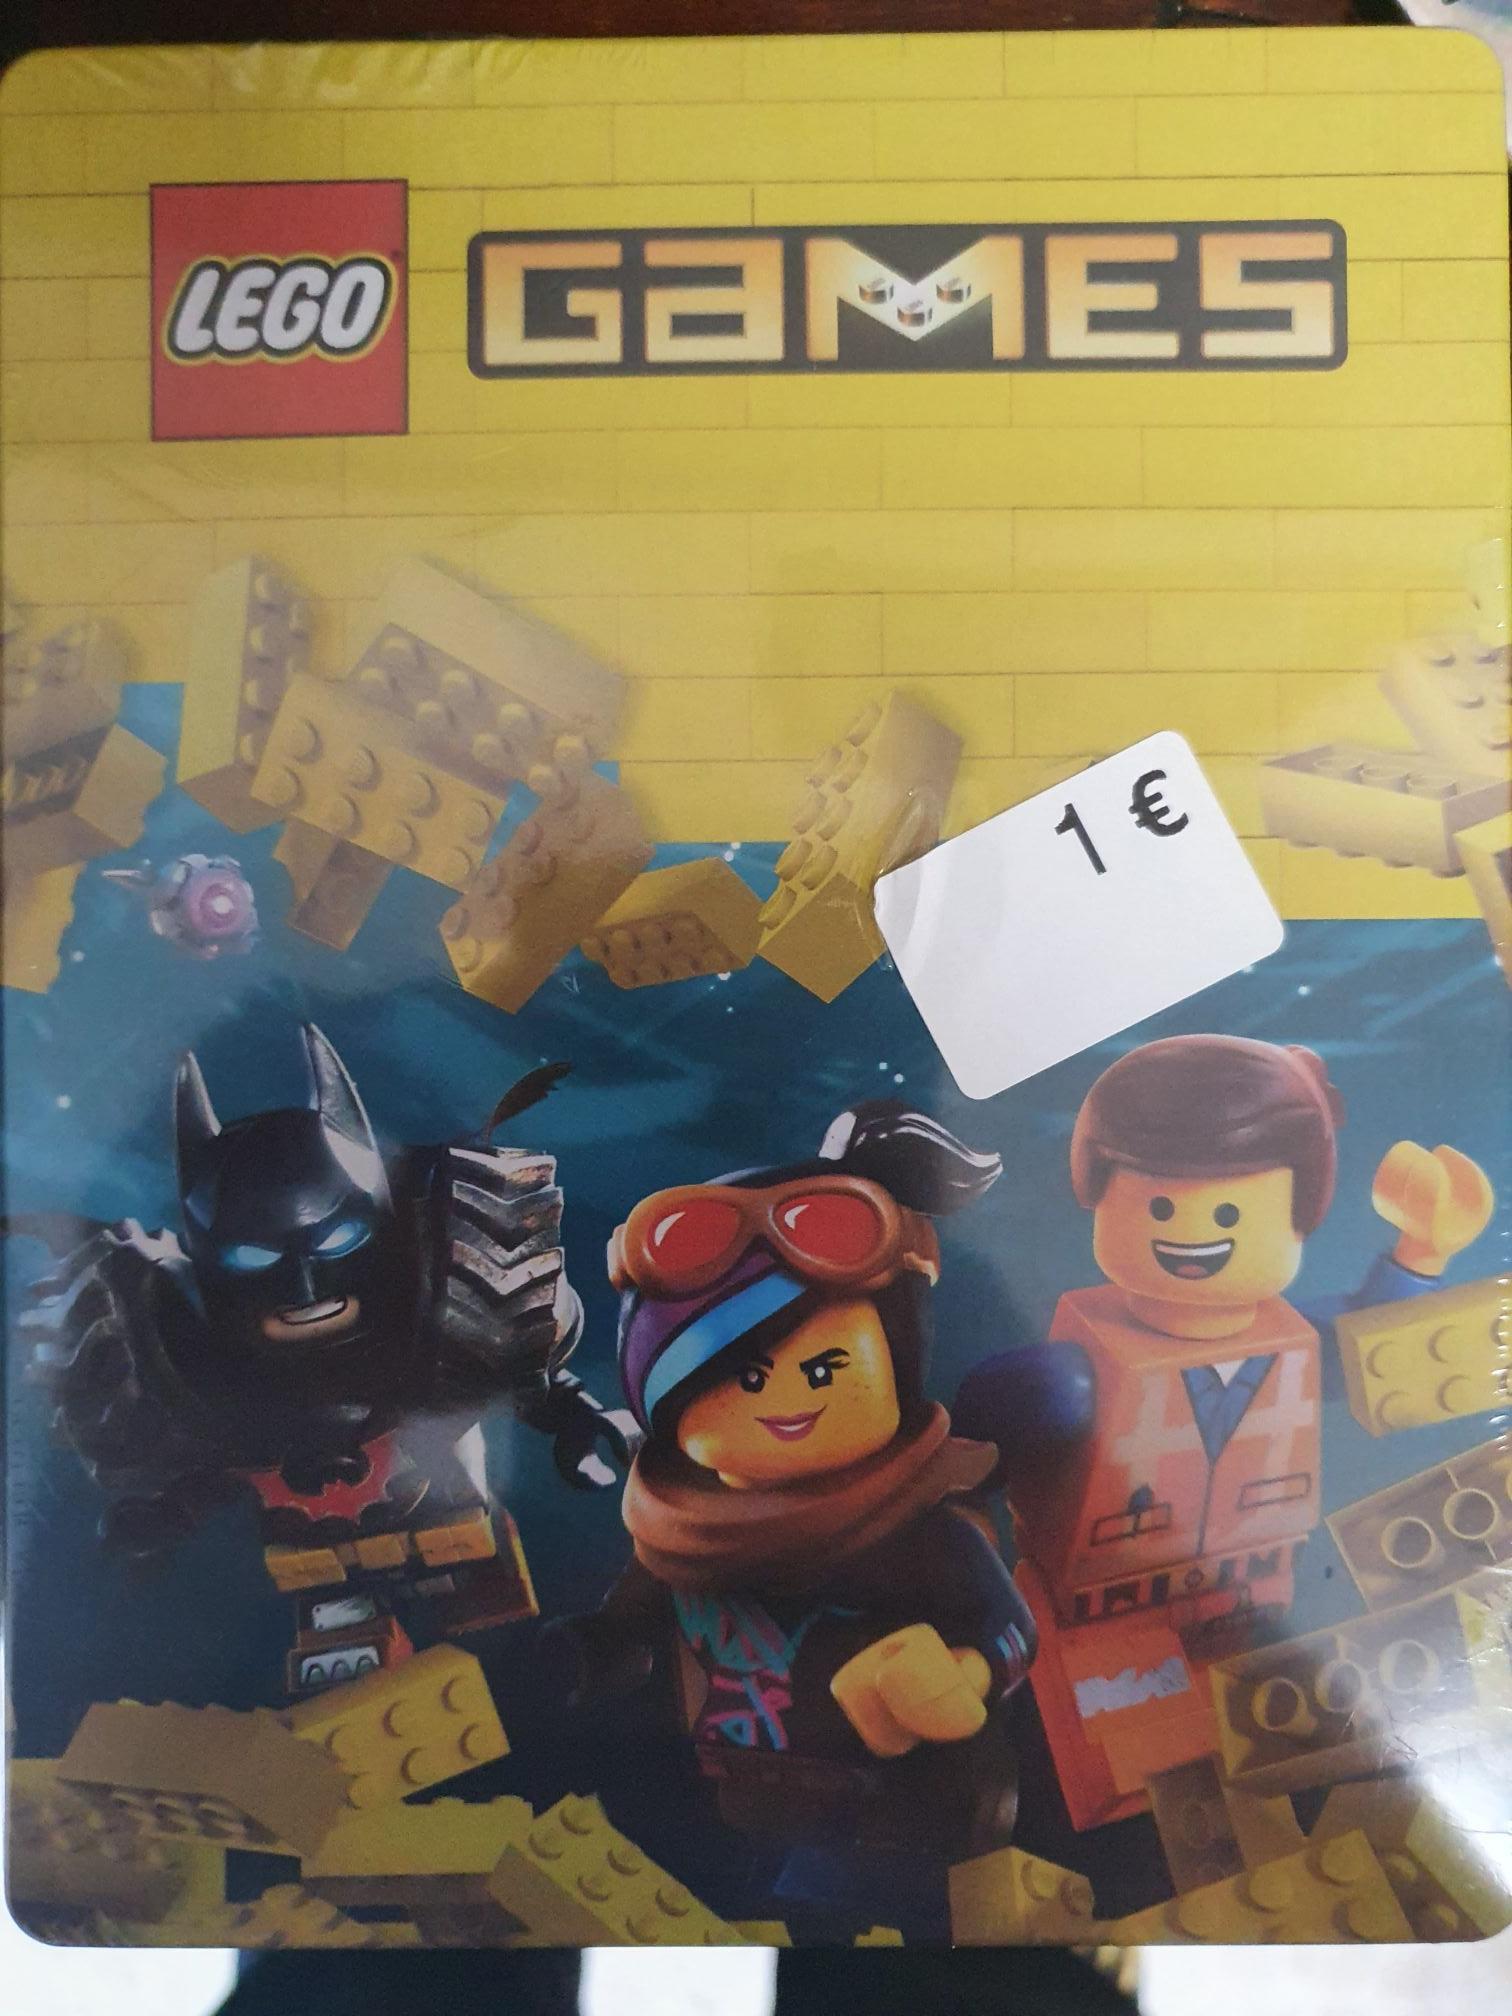 Caratula metalica SteelBook Lego Games en Carrefour Zahira (Cordoba)